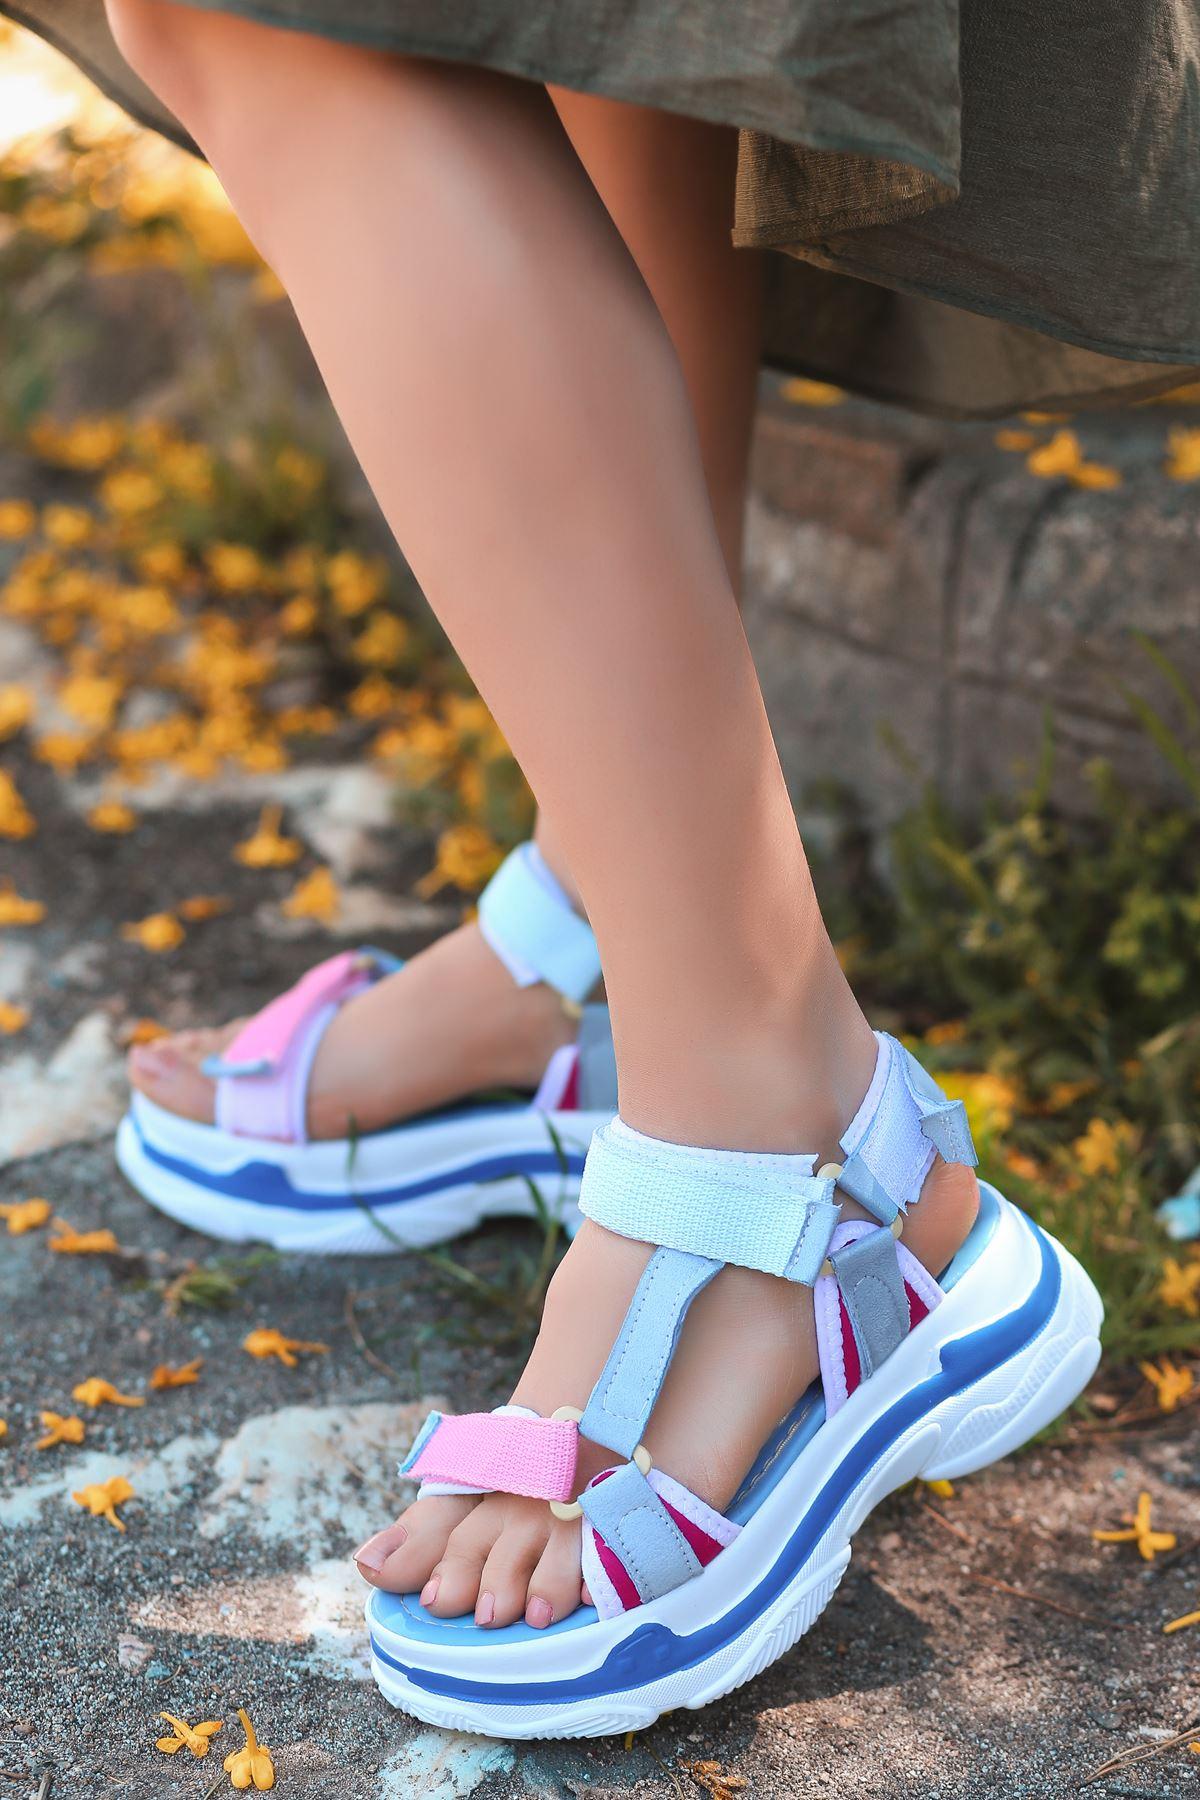 Leon Bebek Mavi Pembe Yüksek Taban Kadın Sandalet